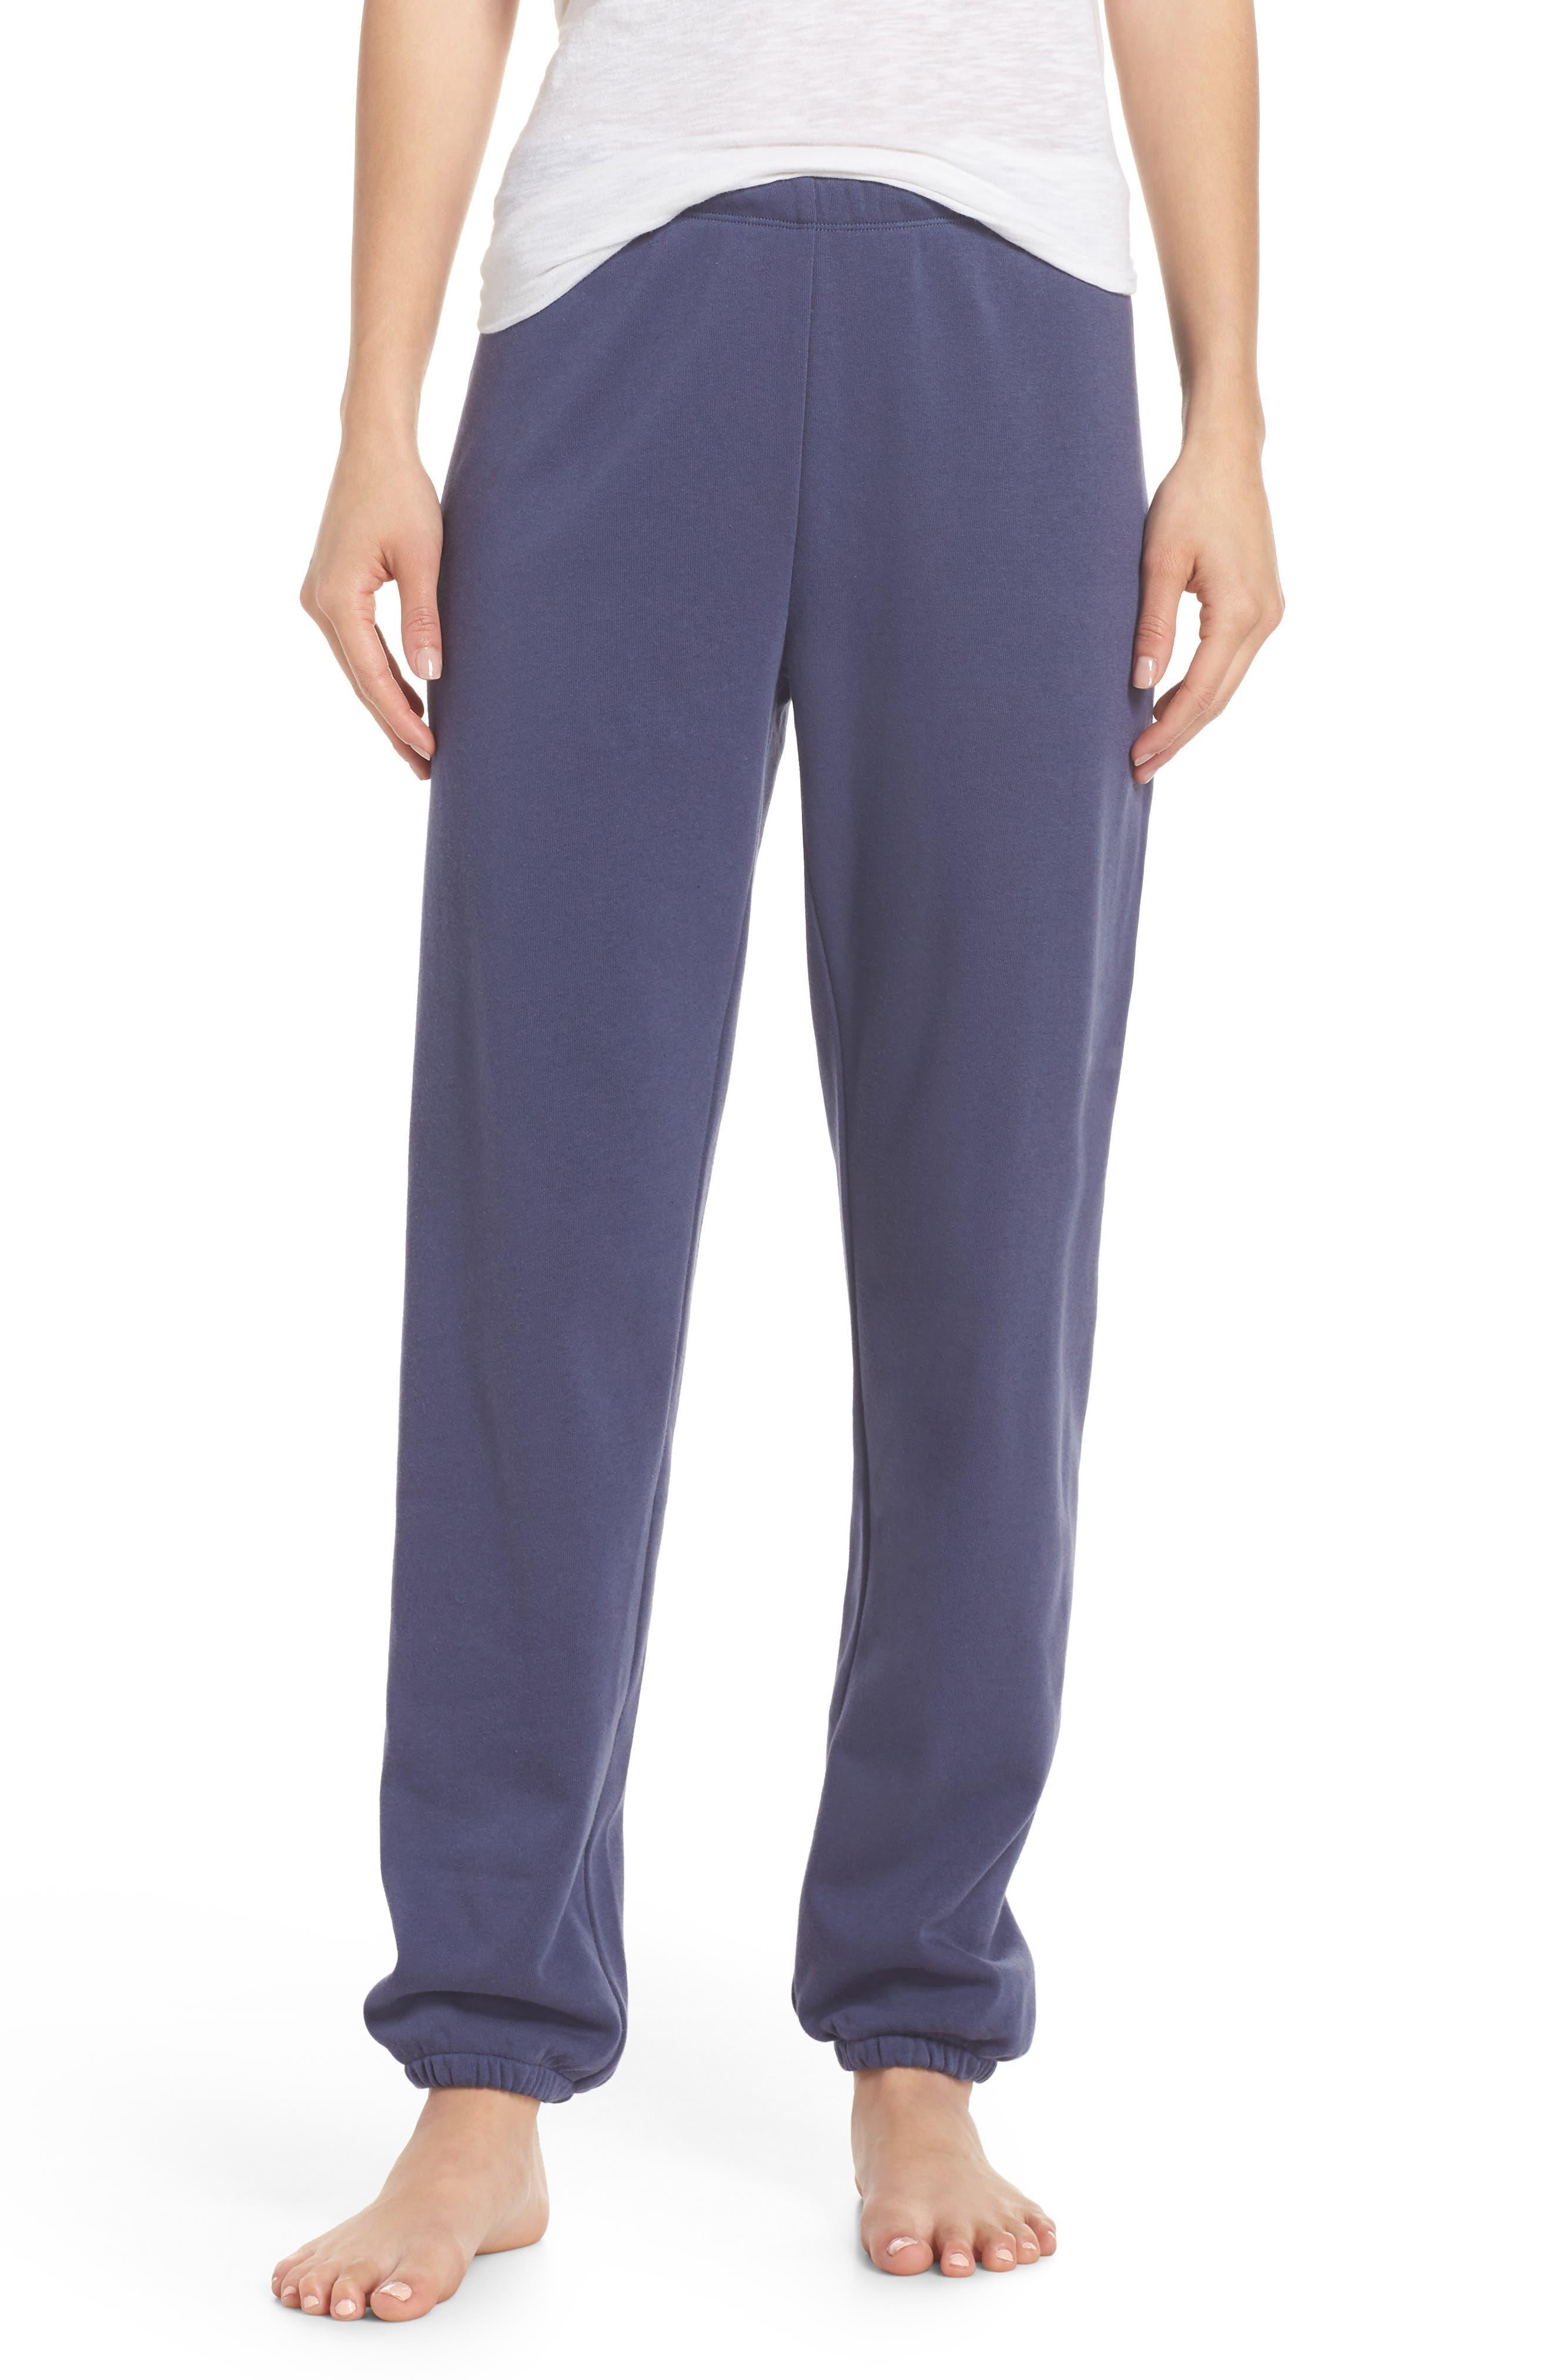 Sleepy High Rise Lounge Jogger Pants,                             Main thumbnail 1, color,                             Blue Indigo